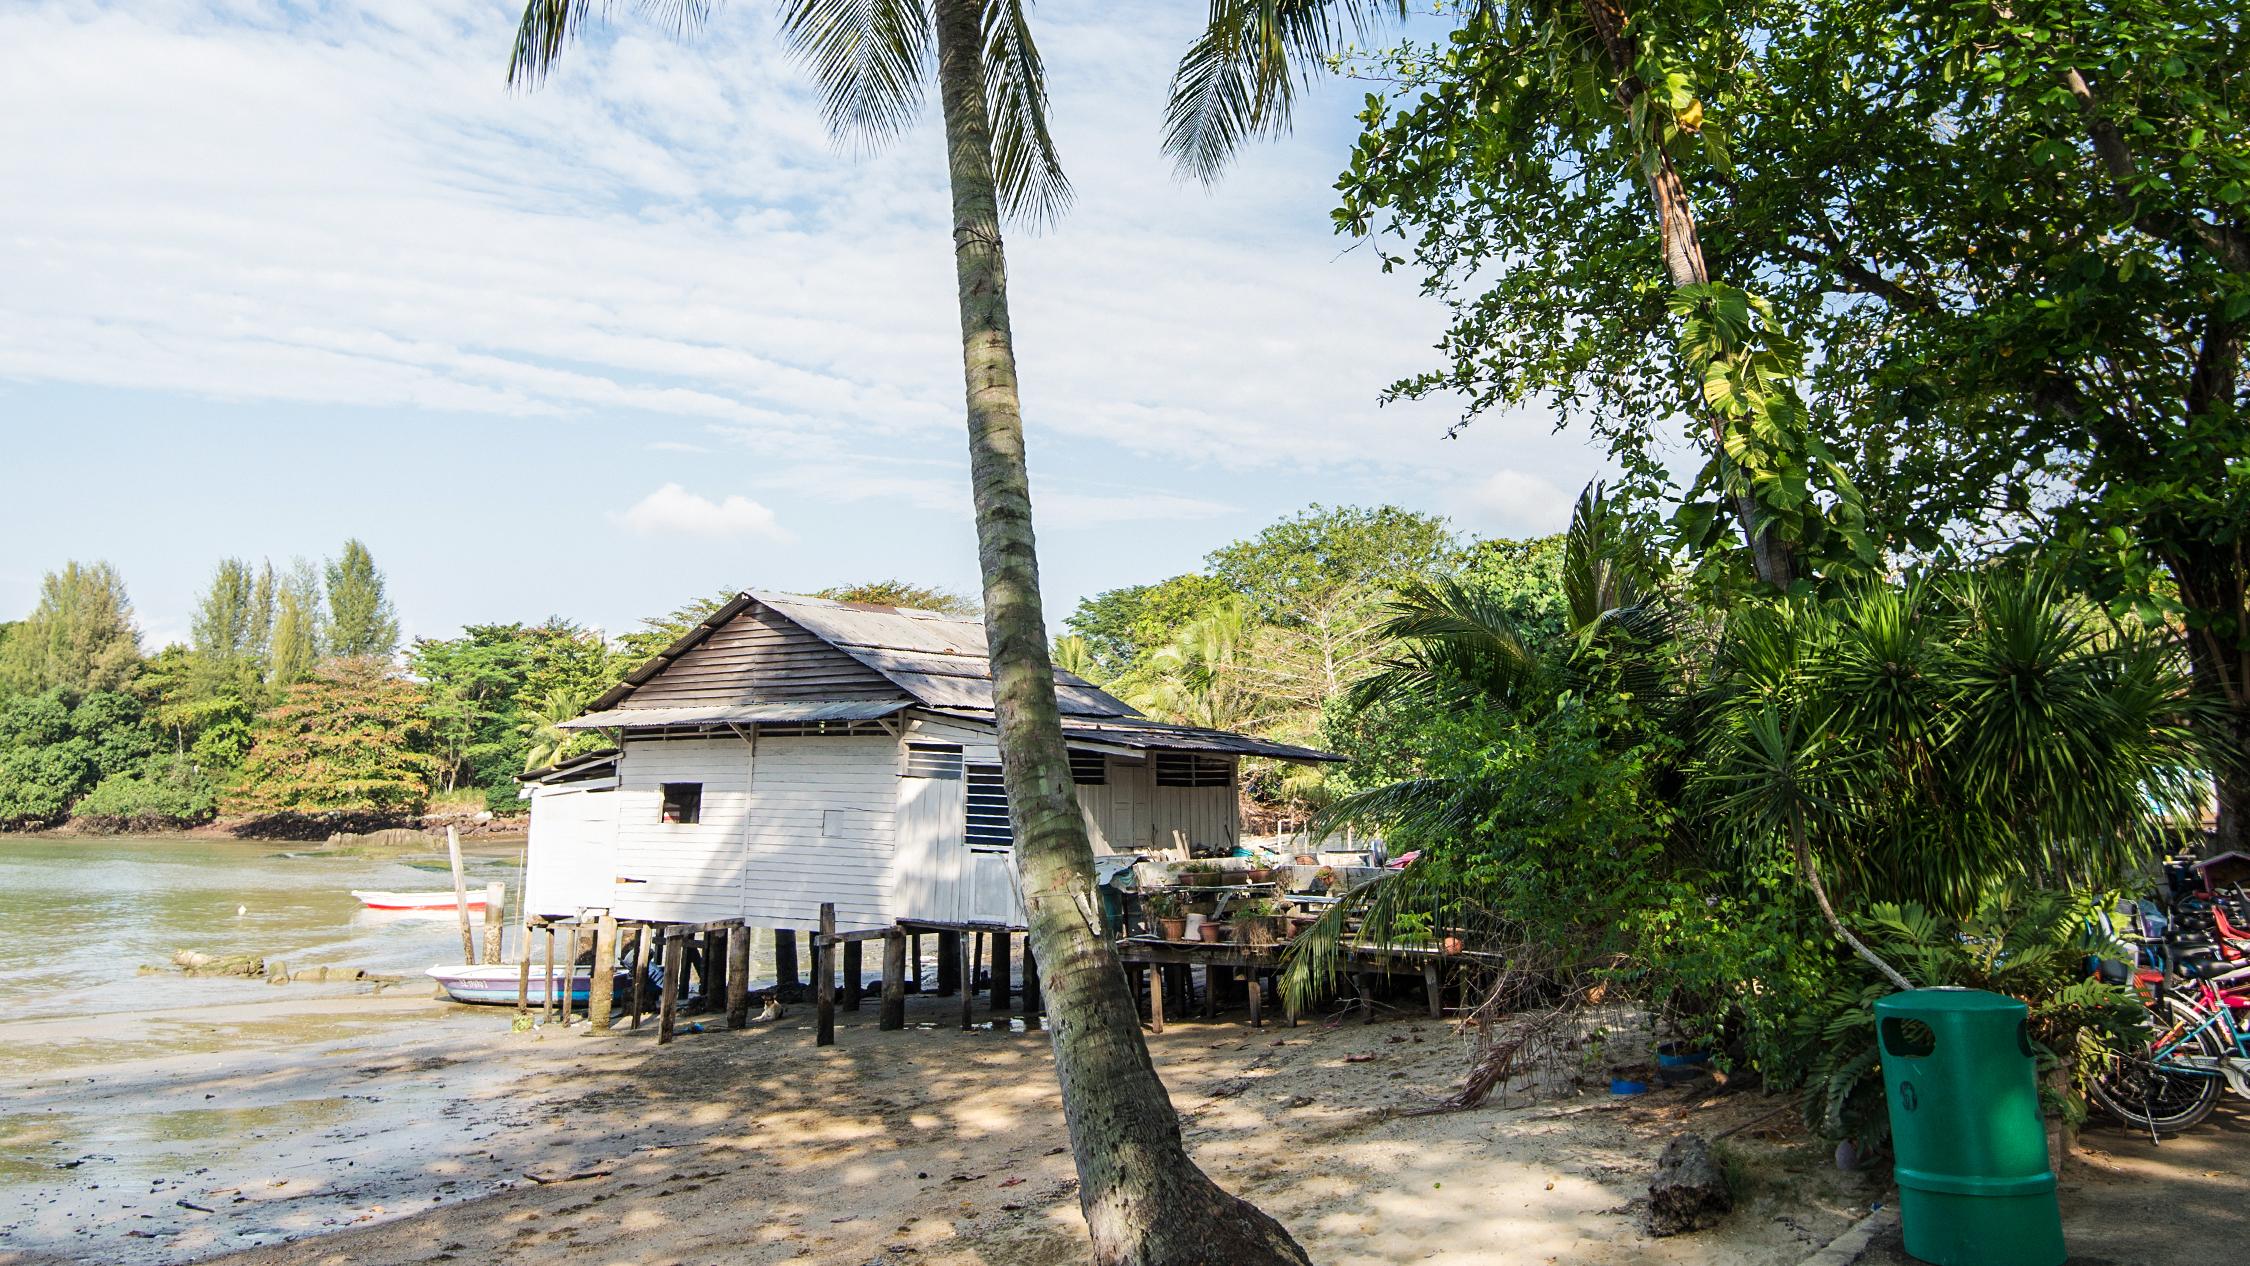 Kampung House in Pulau Ubin